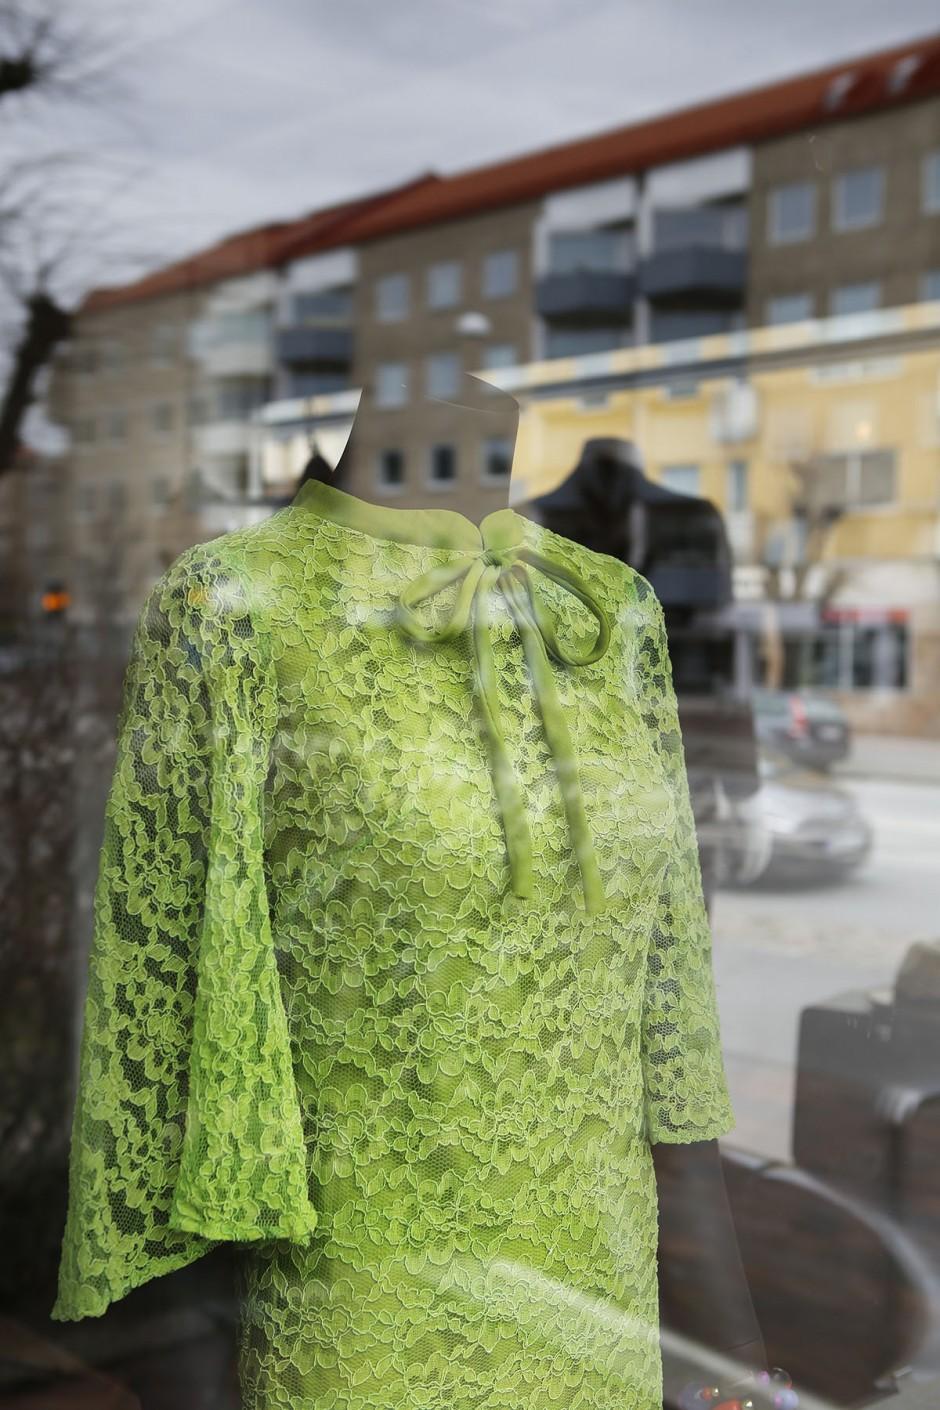 grön klänning i skyltfönster